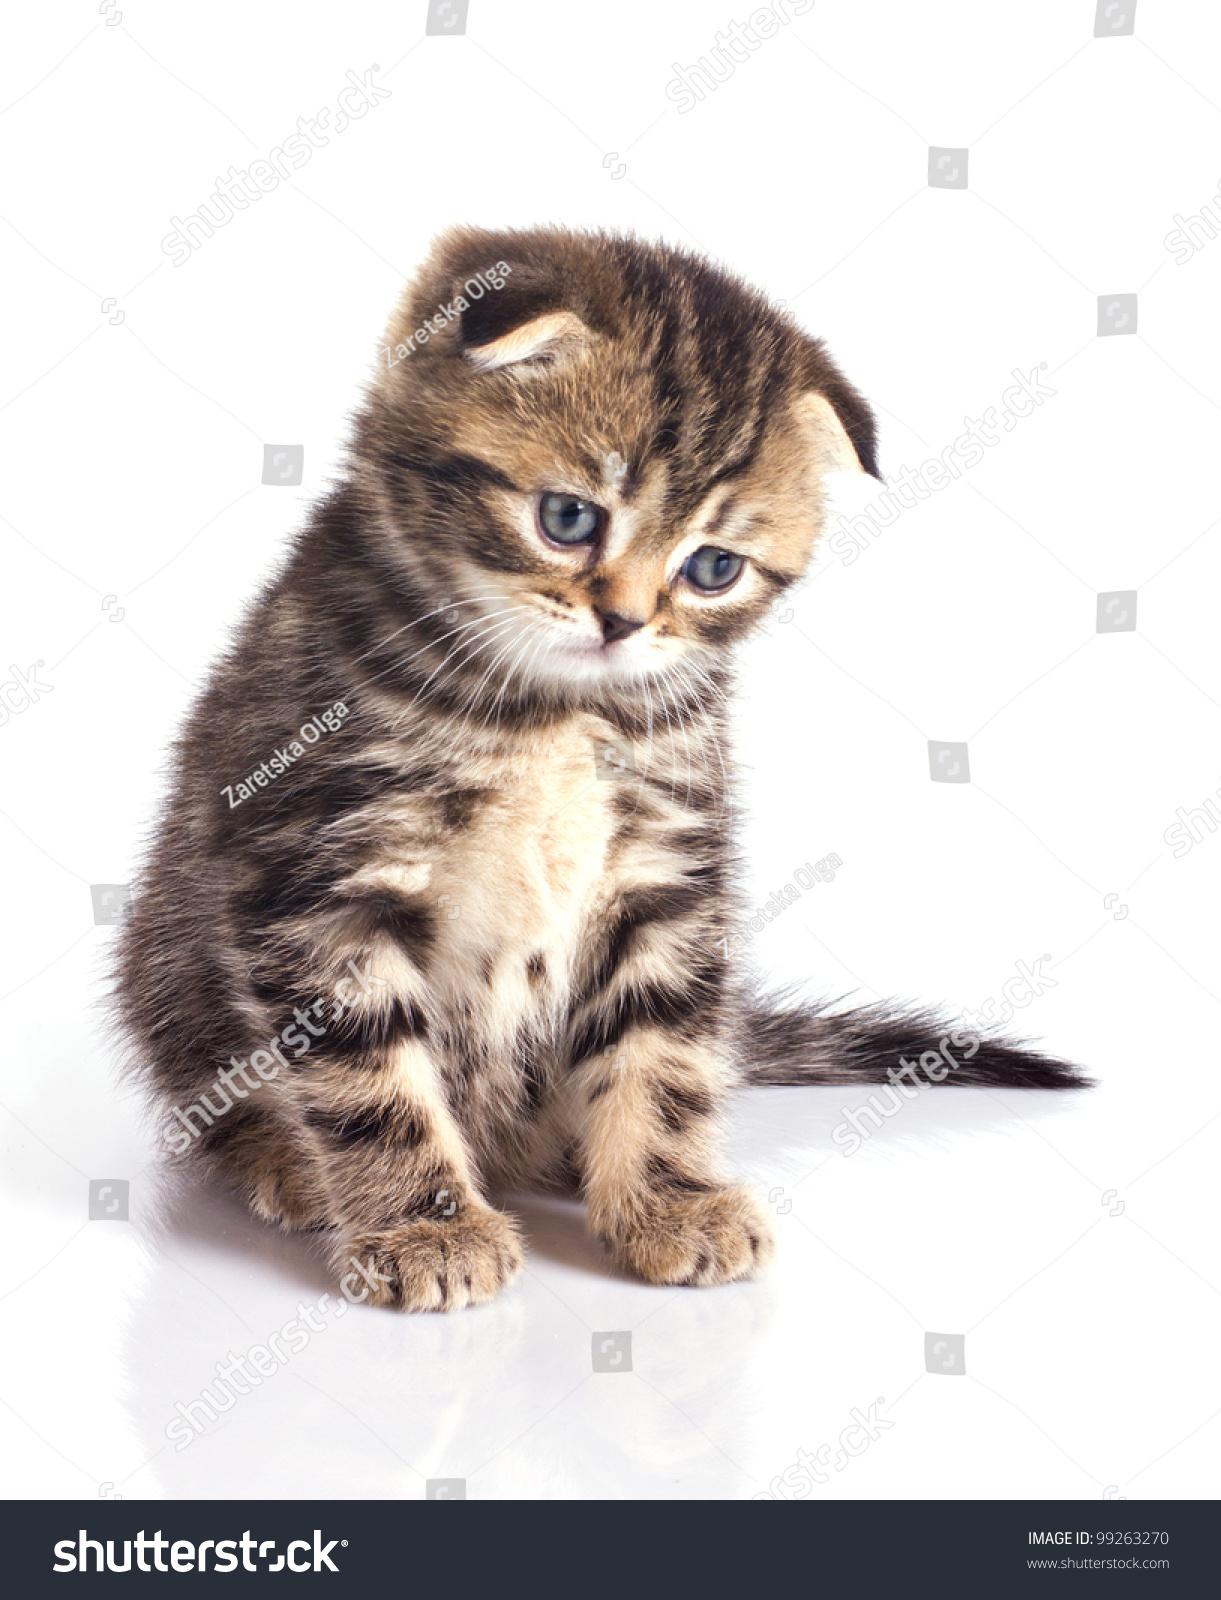 Sad Little Kitten Isolated On White Stock Photo 99263270 - Shutterstock